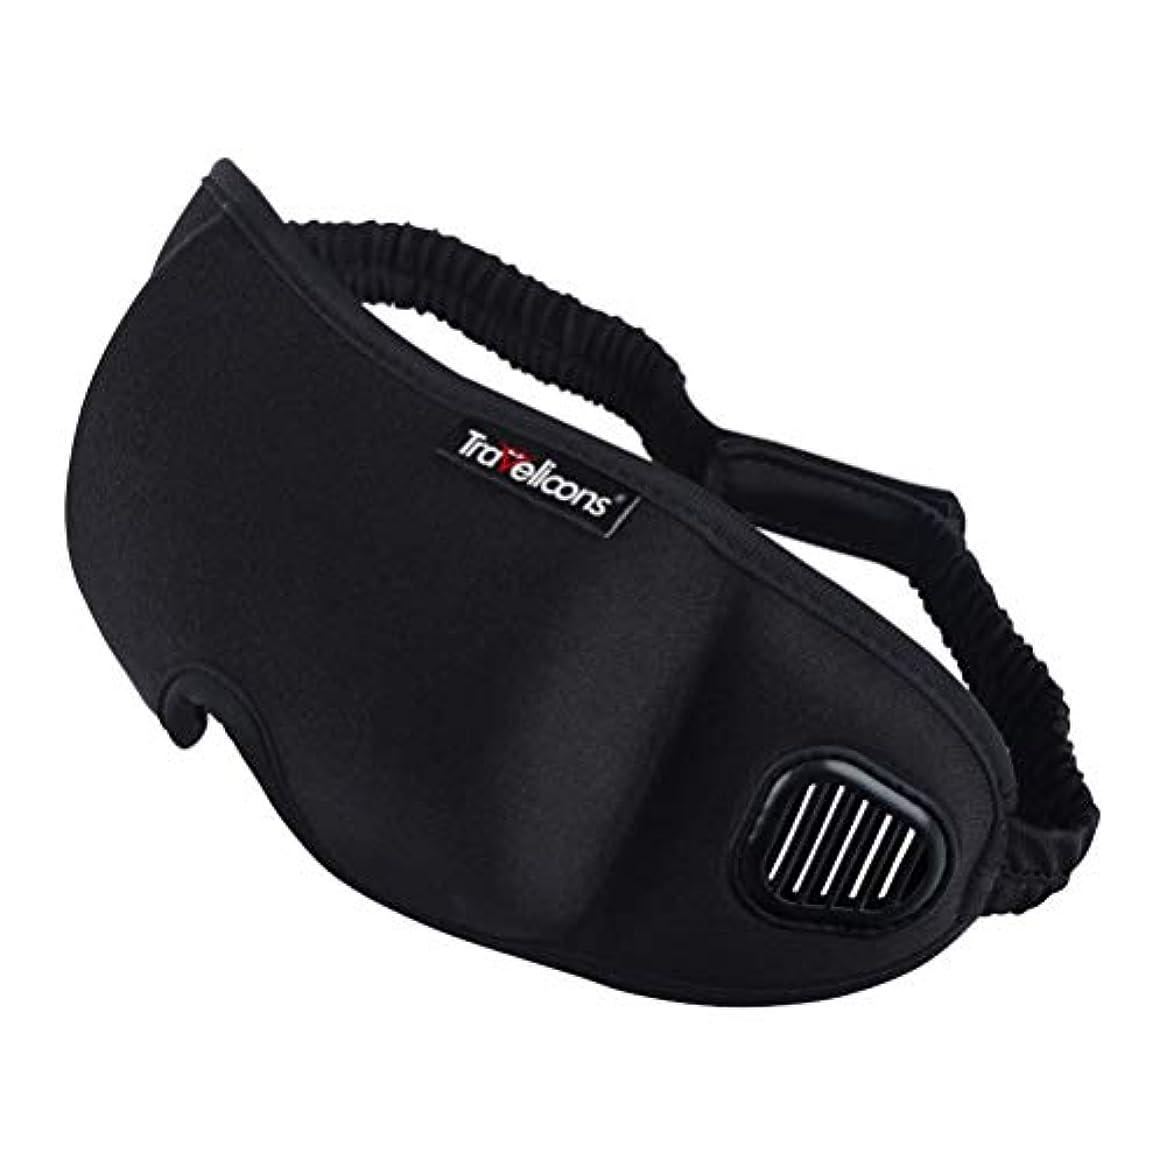 ジャーナリスト神秘的な通行料金SUPVOX 男性と女性のための3Dスリープアイマスク(耳栓のない黒)